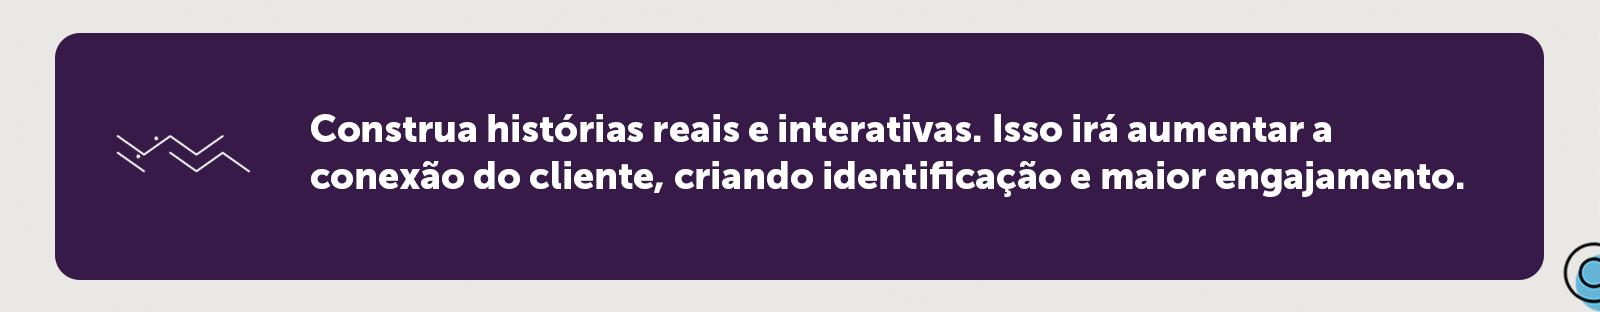 Storytelling para maior engajamento e identificação